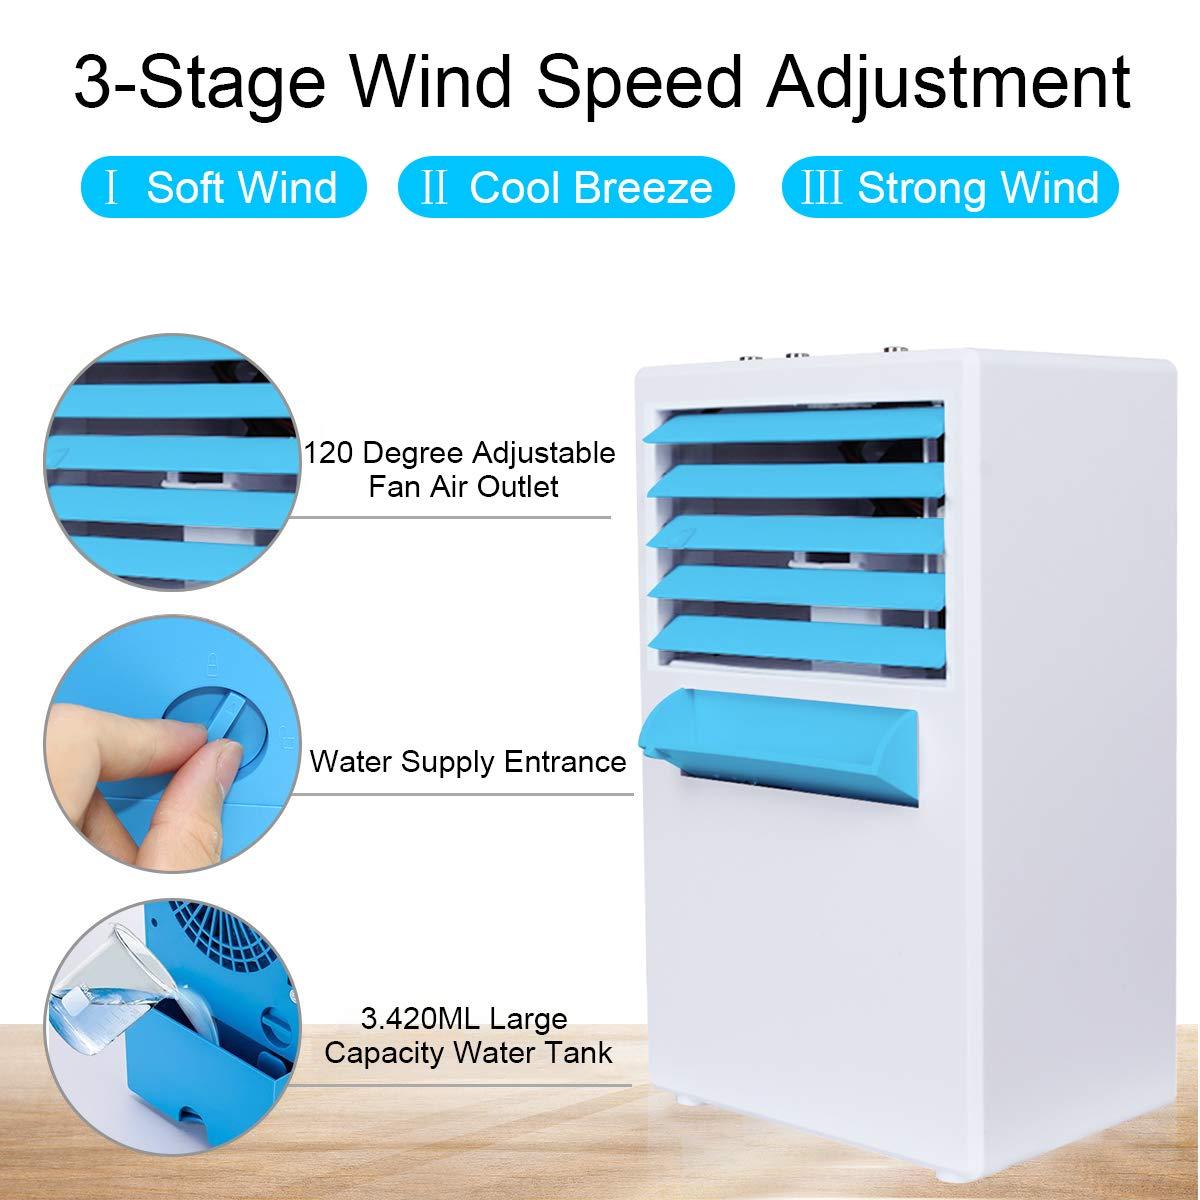 Mini Luftk/ühler Mobile Klimaanlage Luftbefeuchter Luftreiniger Tragbare Klima Ventilator mit 3 Geschwindigkeitsstufen f/ür B/üro Schlafzimmer Haushalt Air Cooler